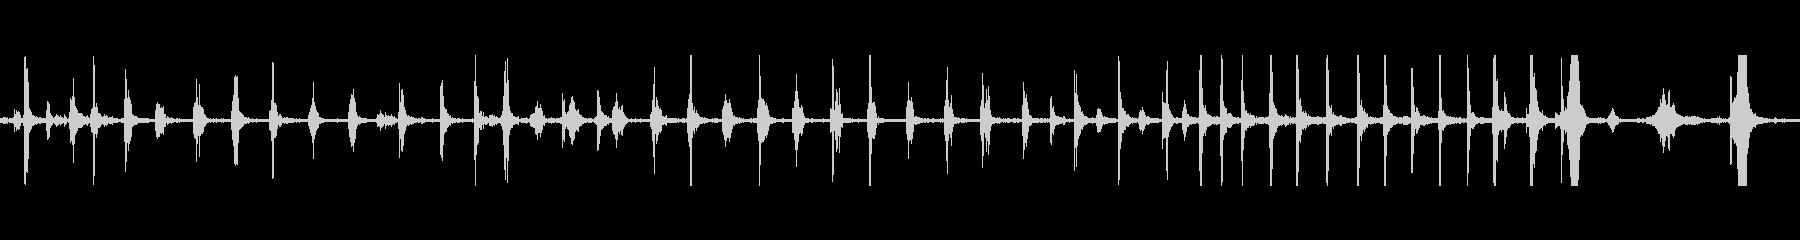 足音スニーカースキークの未再生の波形